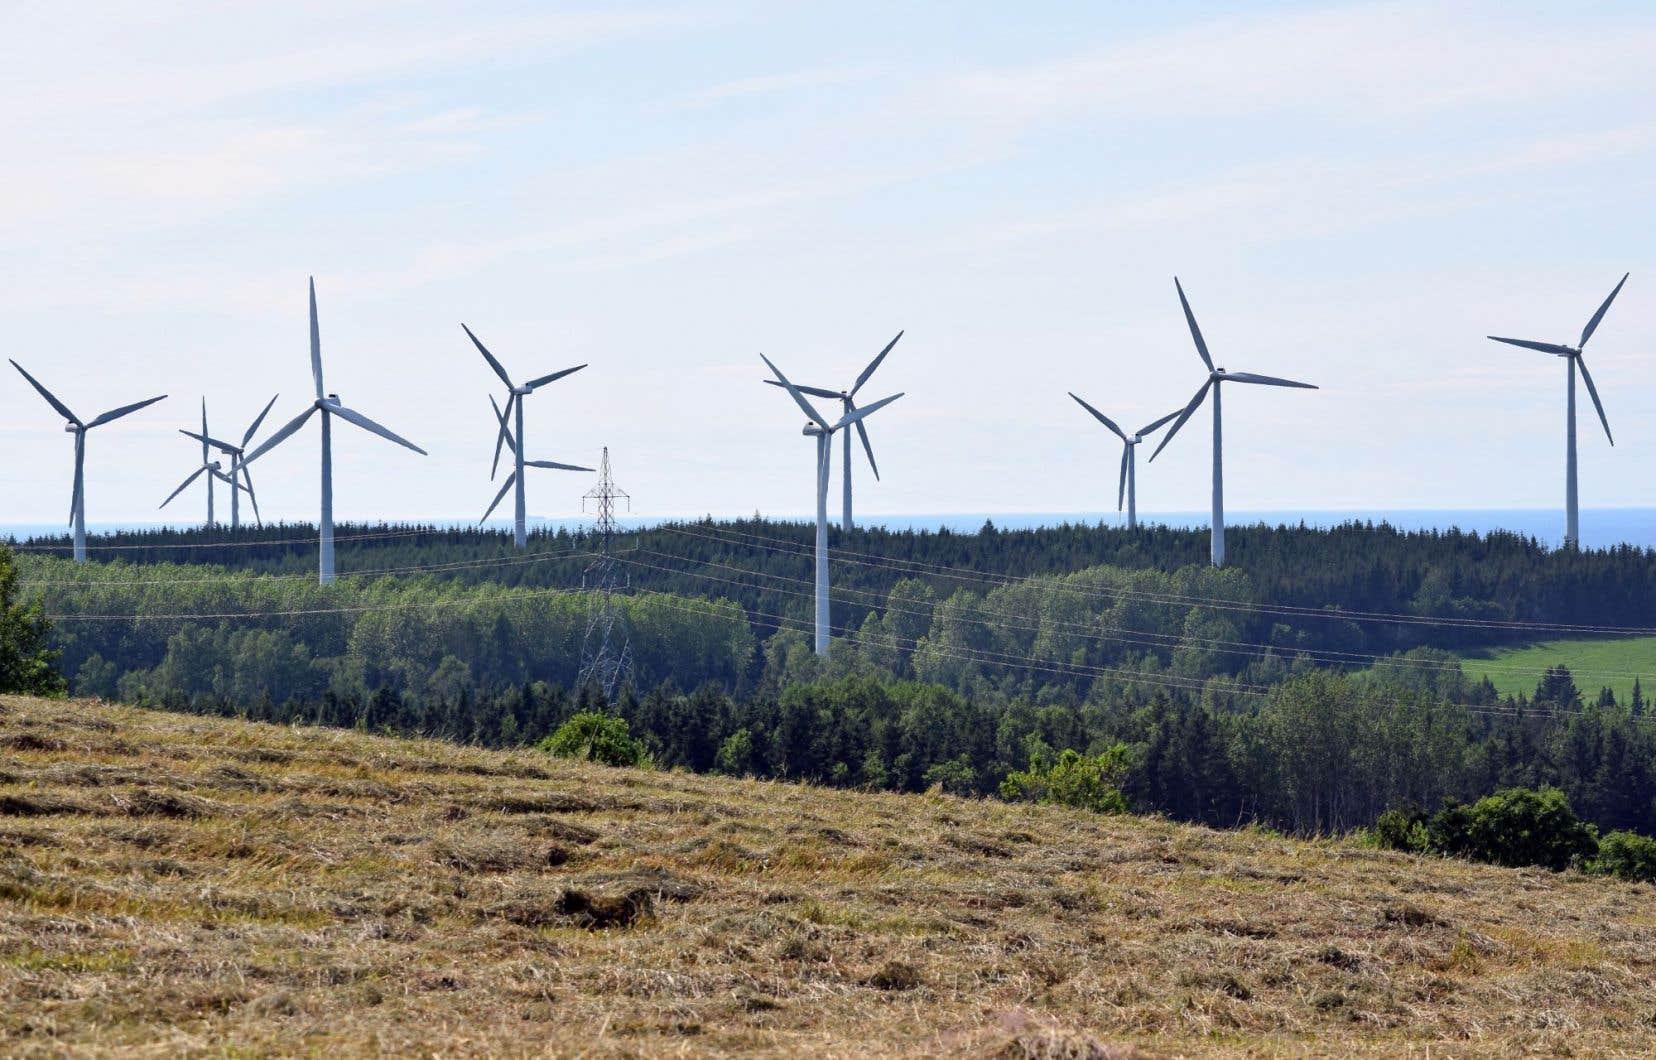 Le développement record des énergies renouvelables illustre la baisse des coûts de l'éolien et du solaire photovoltaïque.